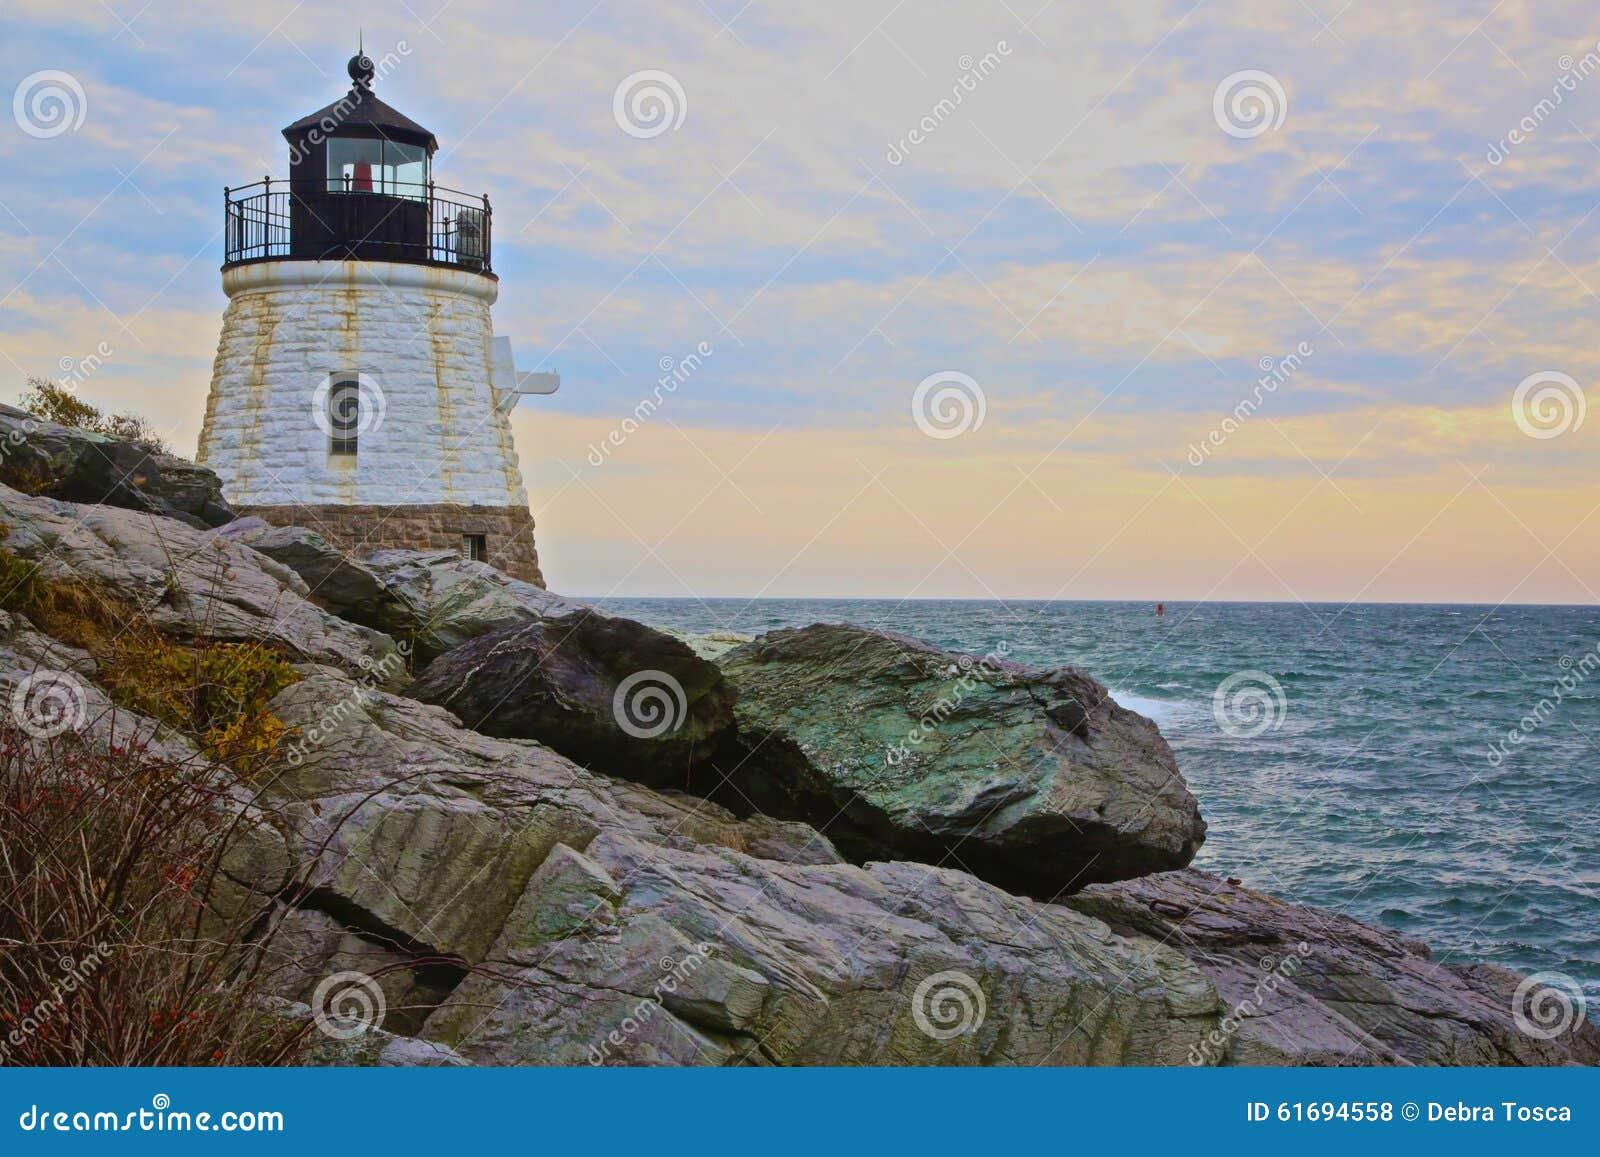 Lighthouse Newport Rhode Island